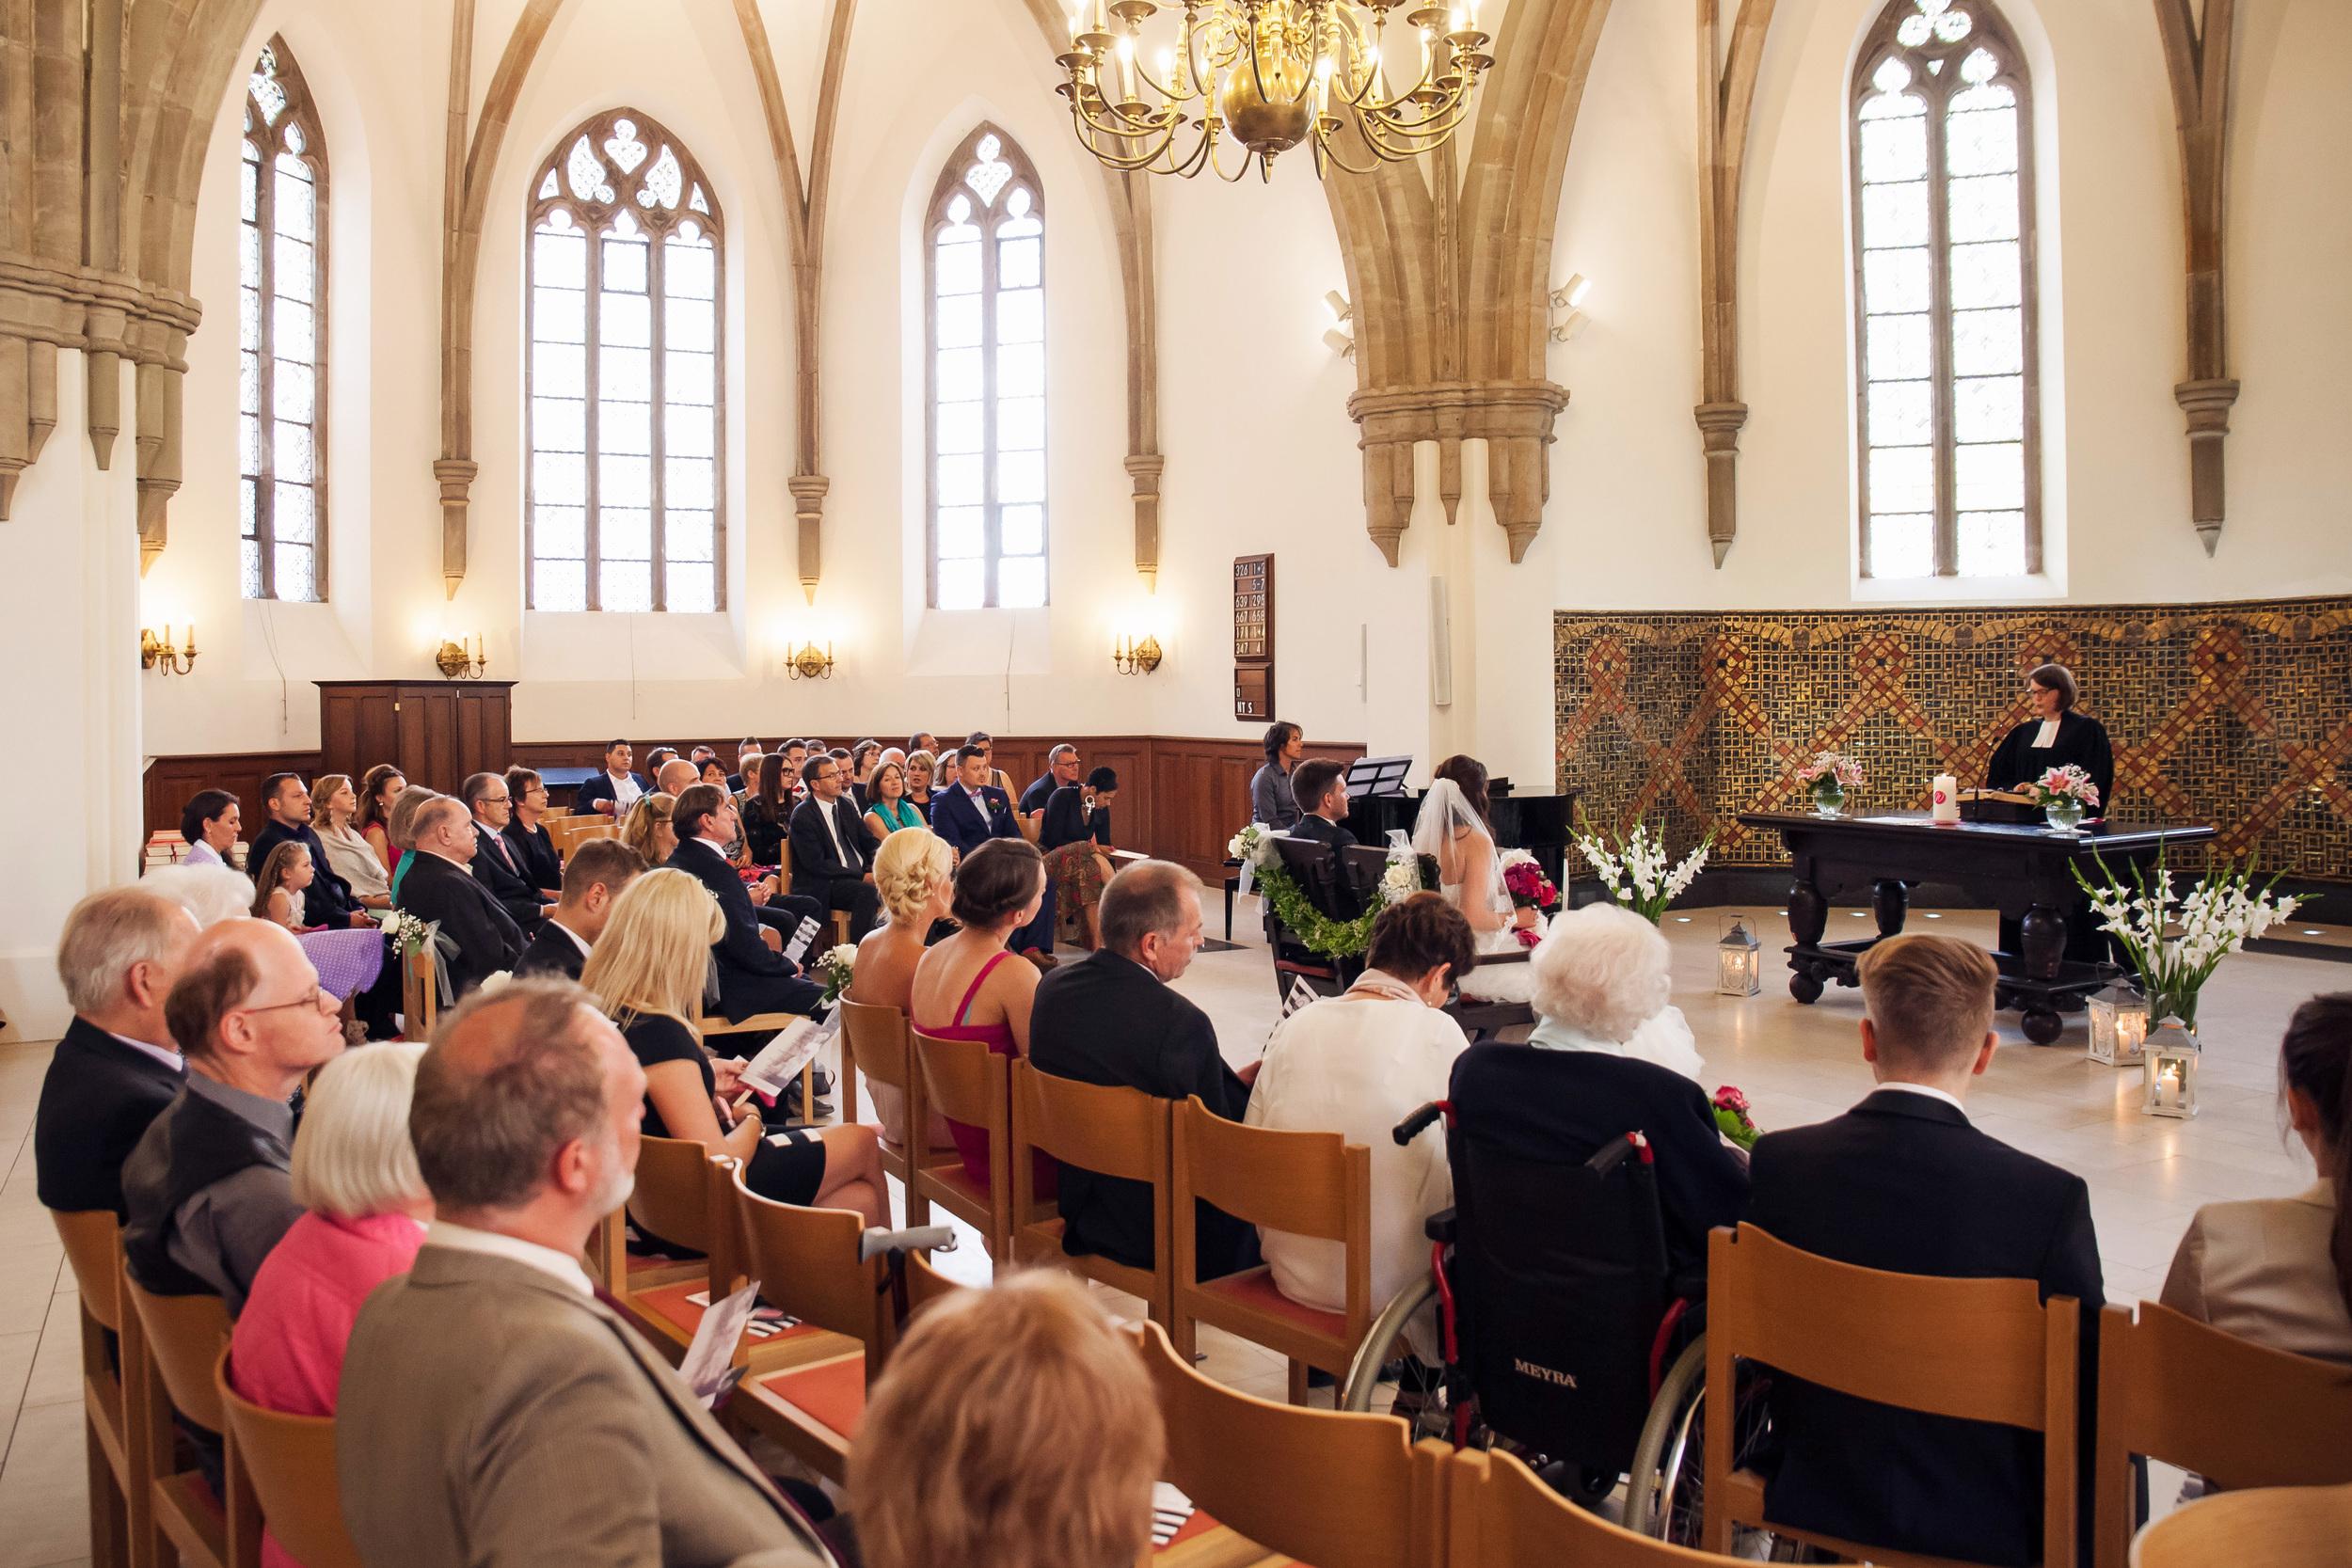 Hochzeit_206.jpg